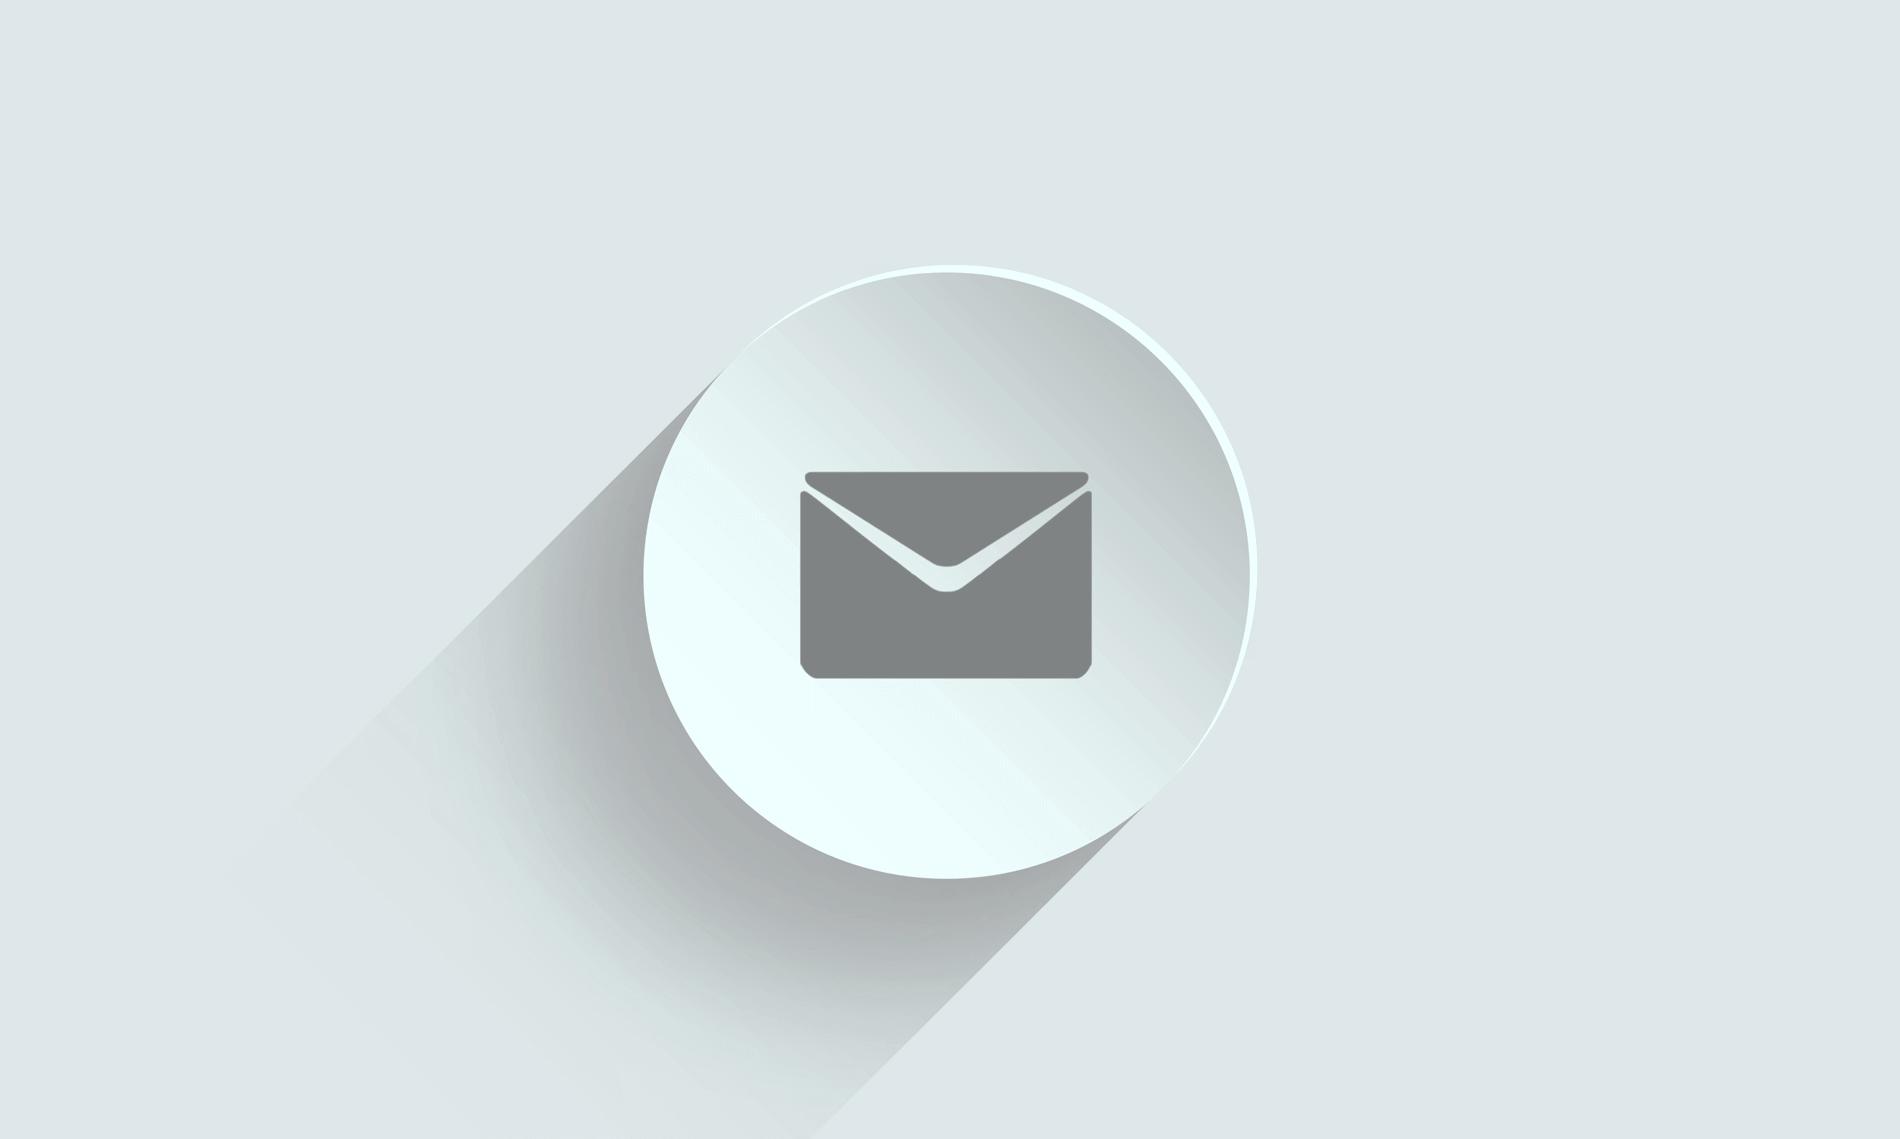 mailAnalyzer